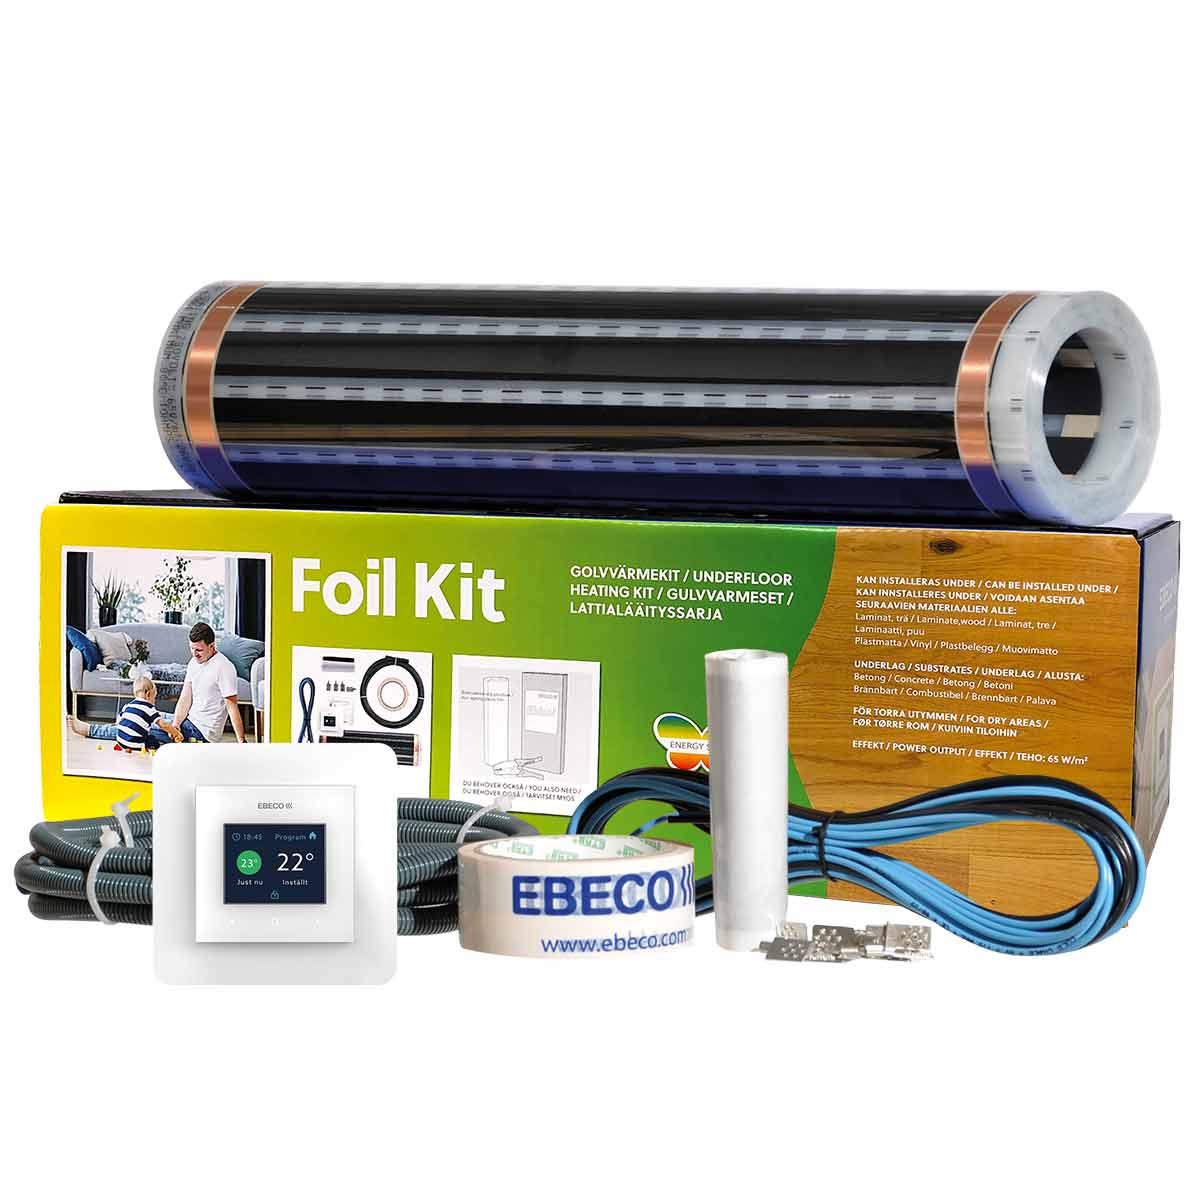 Golvvärmefolie Ebeco Foil Kit för Trä- och Laminatgolv 43 cm